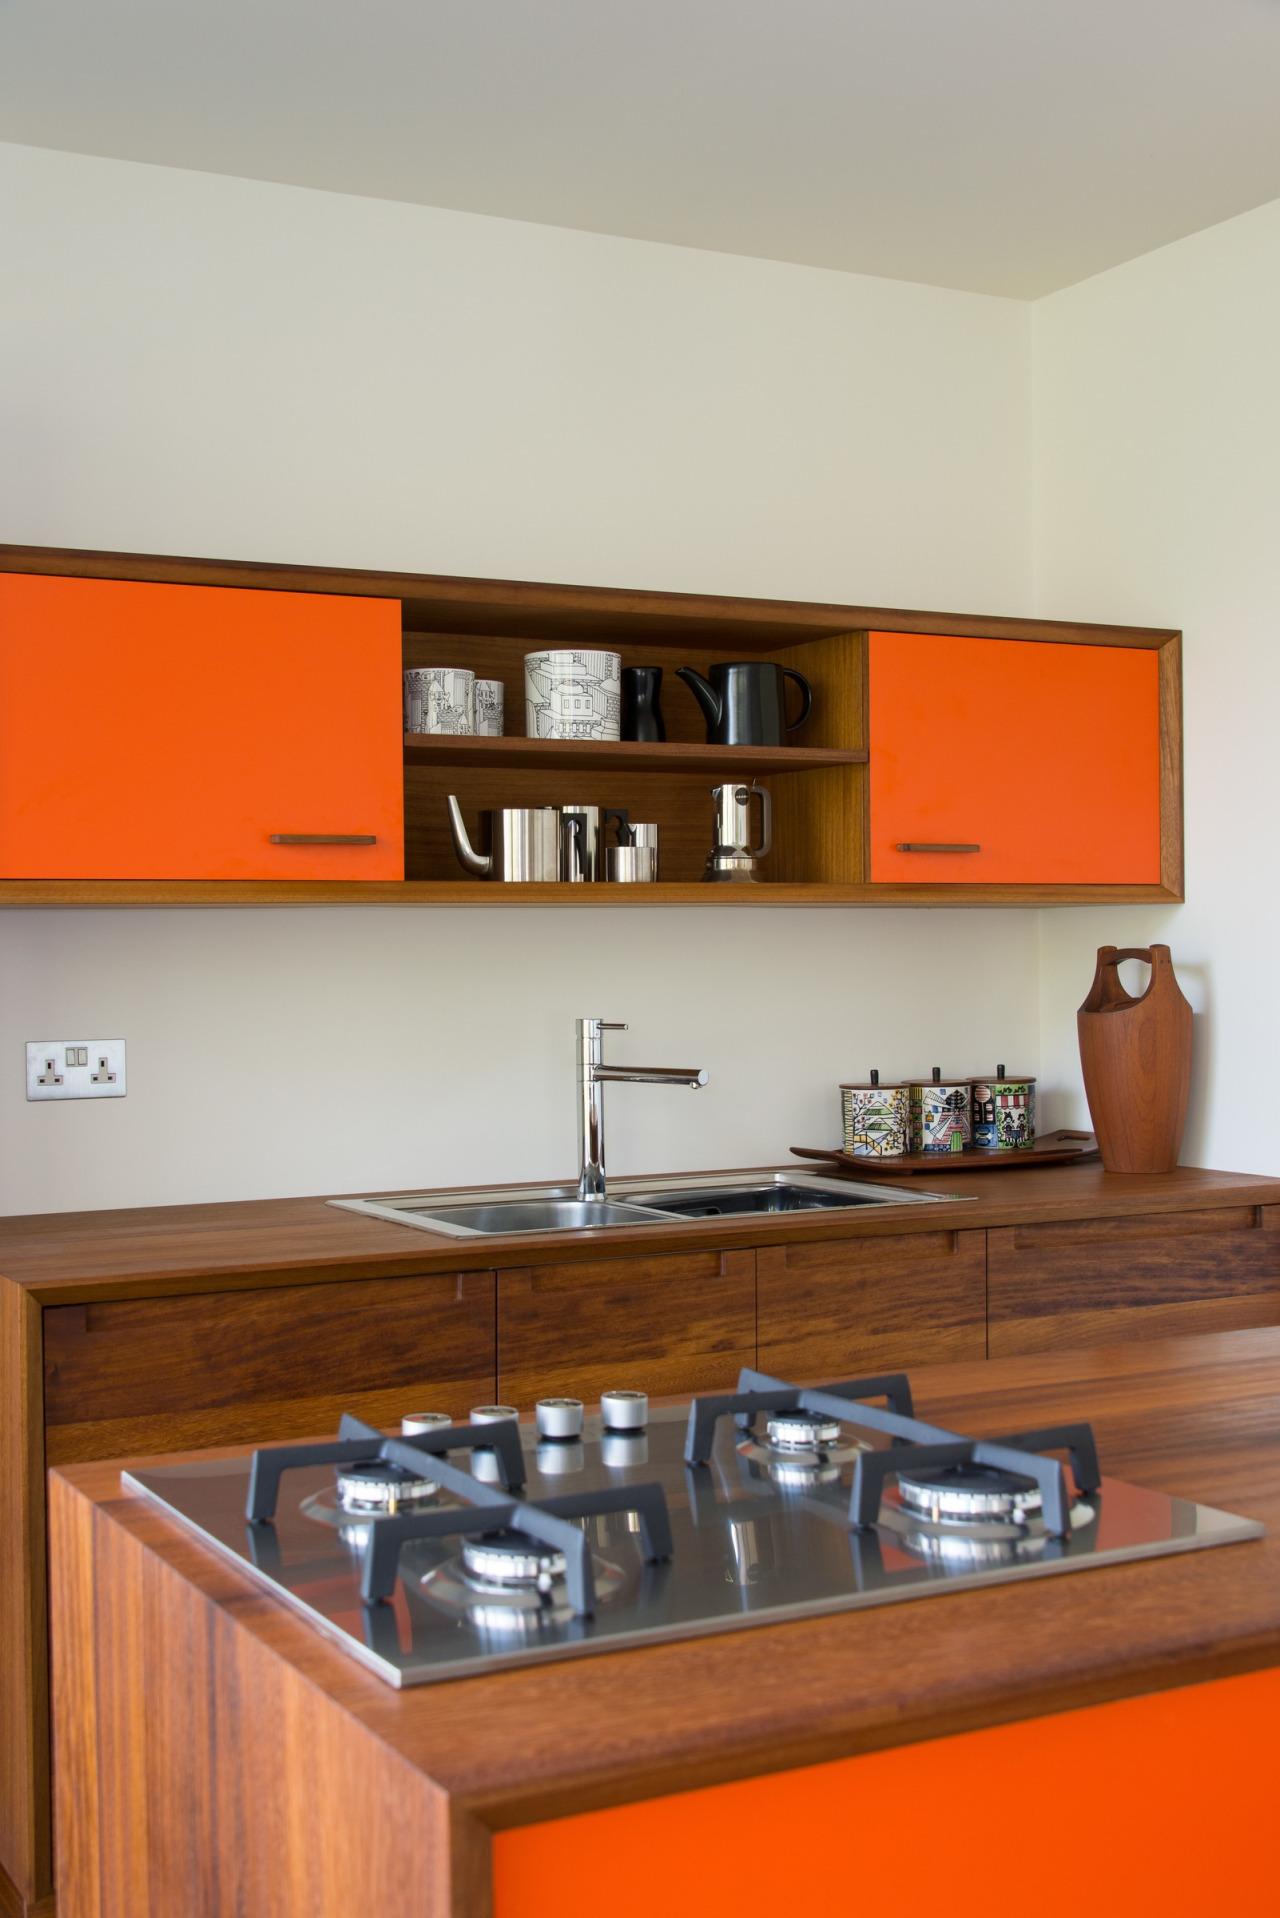 Richard Anstice/56 North; Orange paint color unknown.